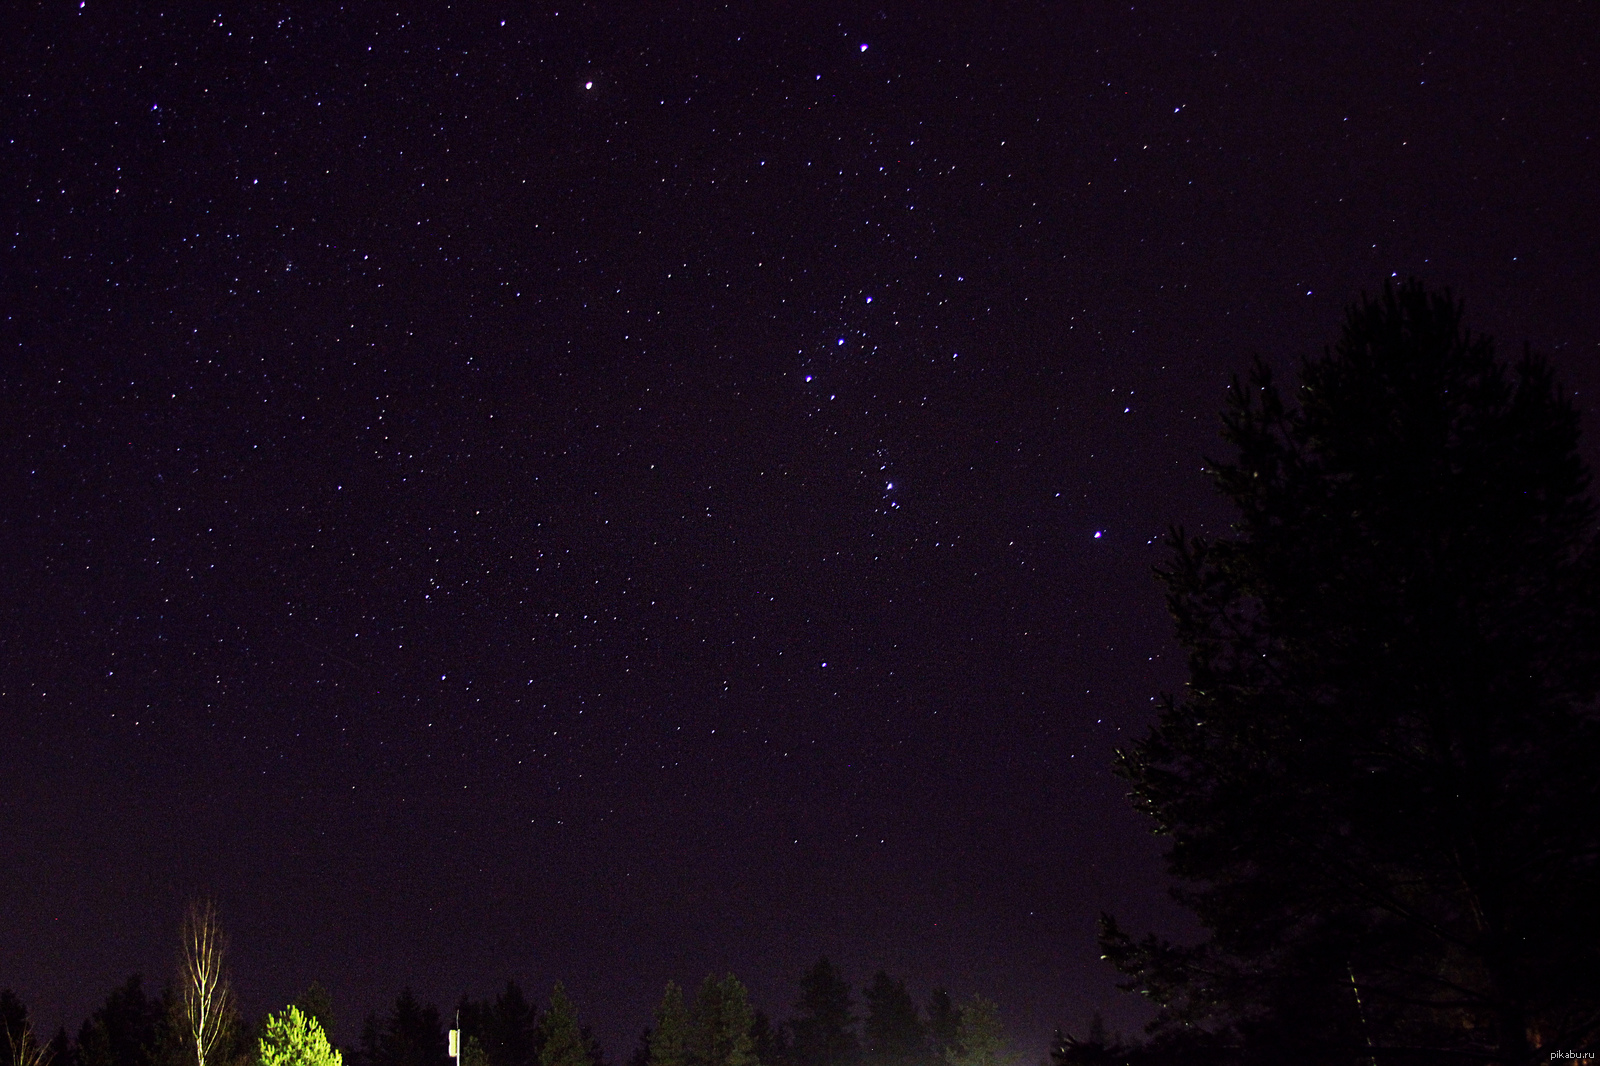 звездное небо в деревне фото создании